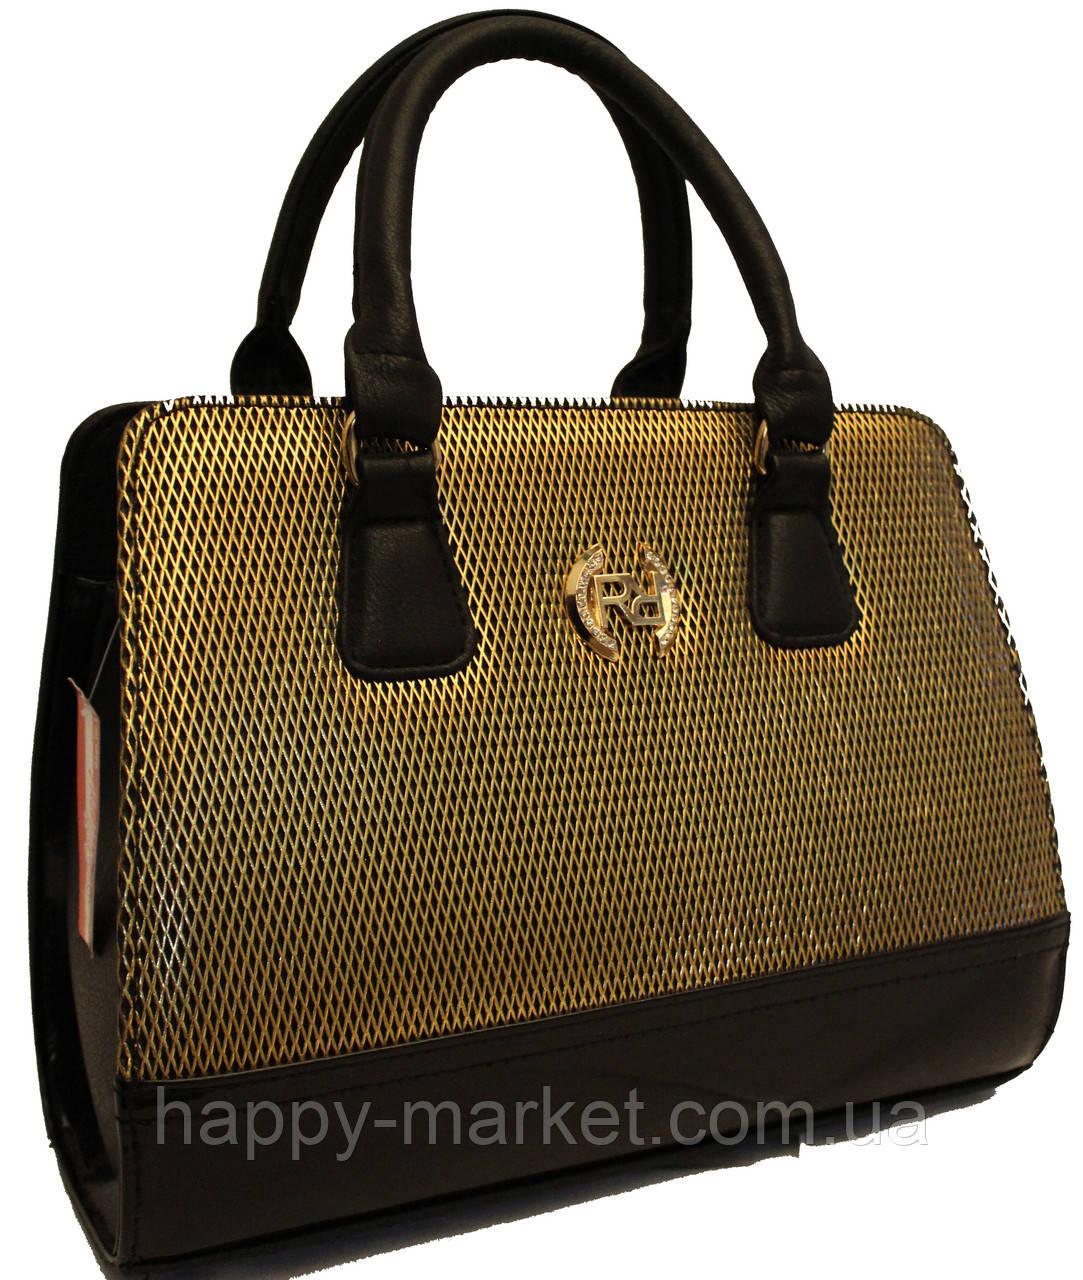 Сумка женская классическая каркасная Fashion  553001-4